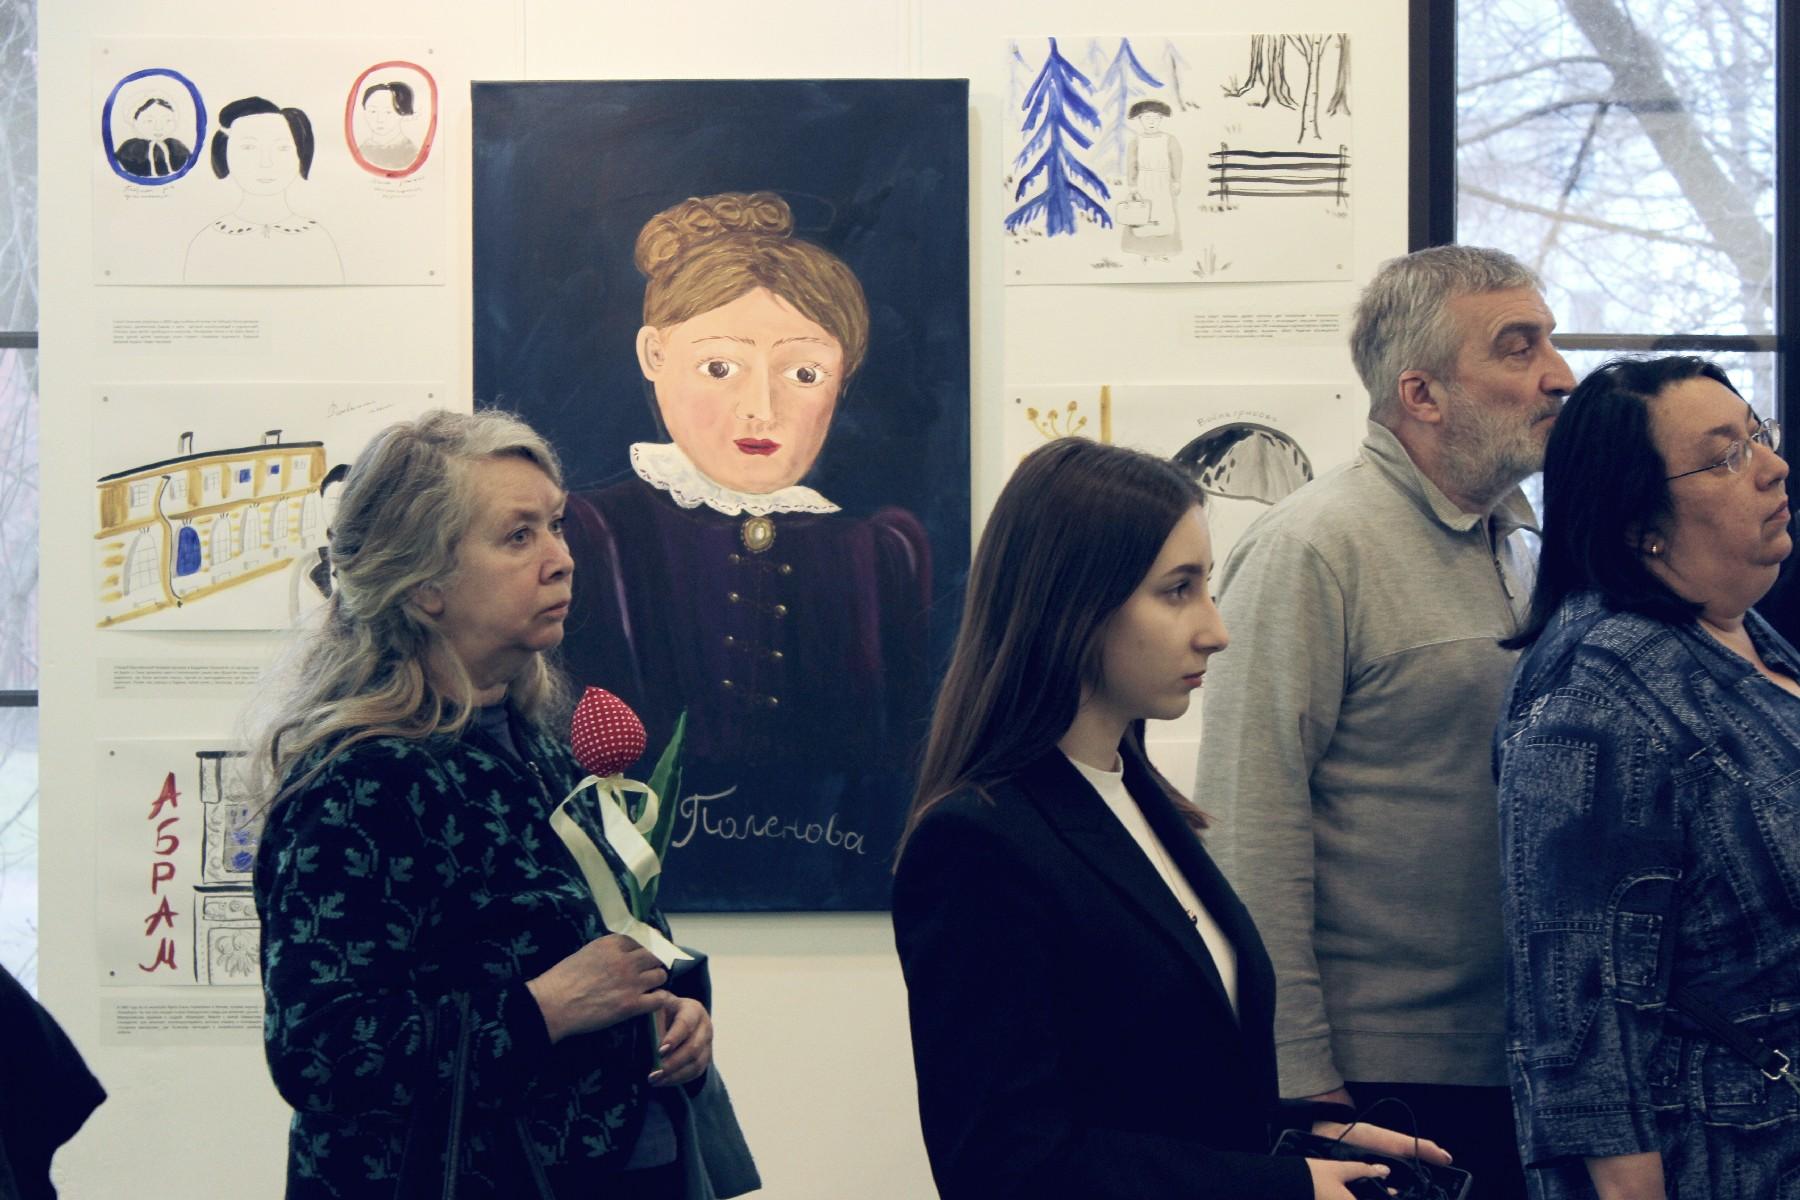 Как я придумала выставку про художниц прошлого | Nadin Piter Надин Питер блог Нади Демкиной